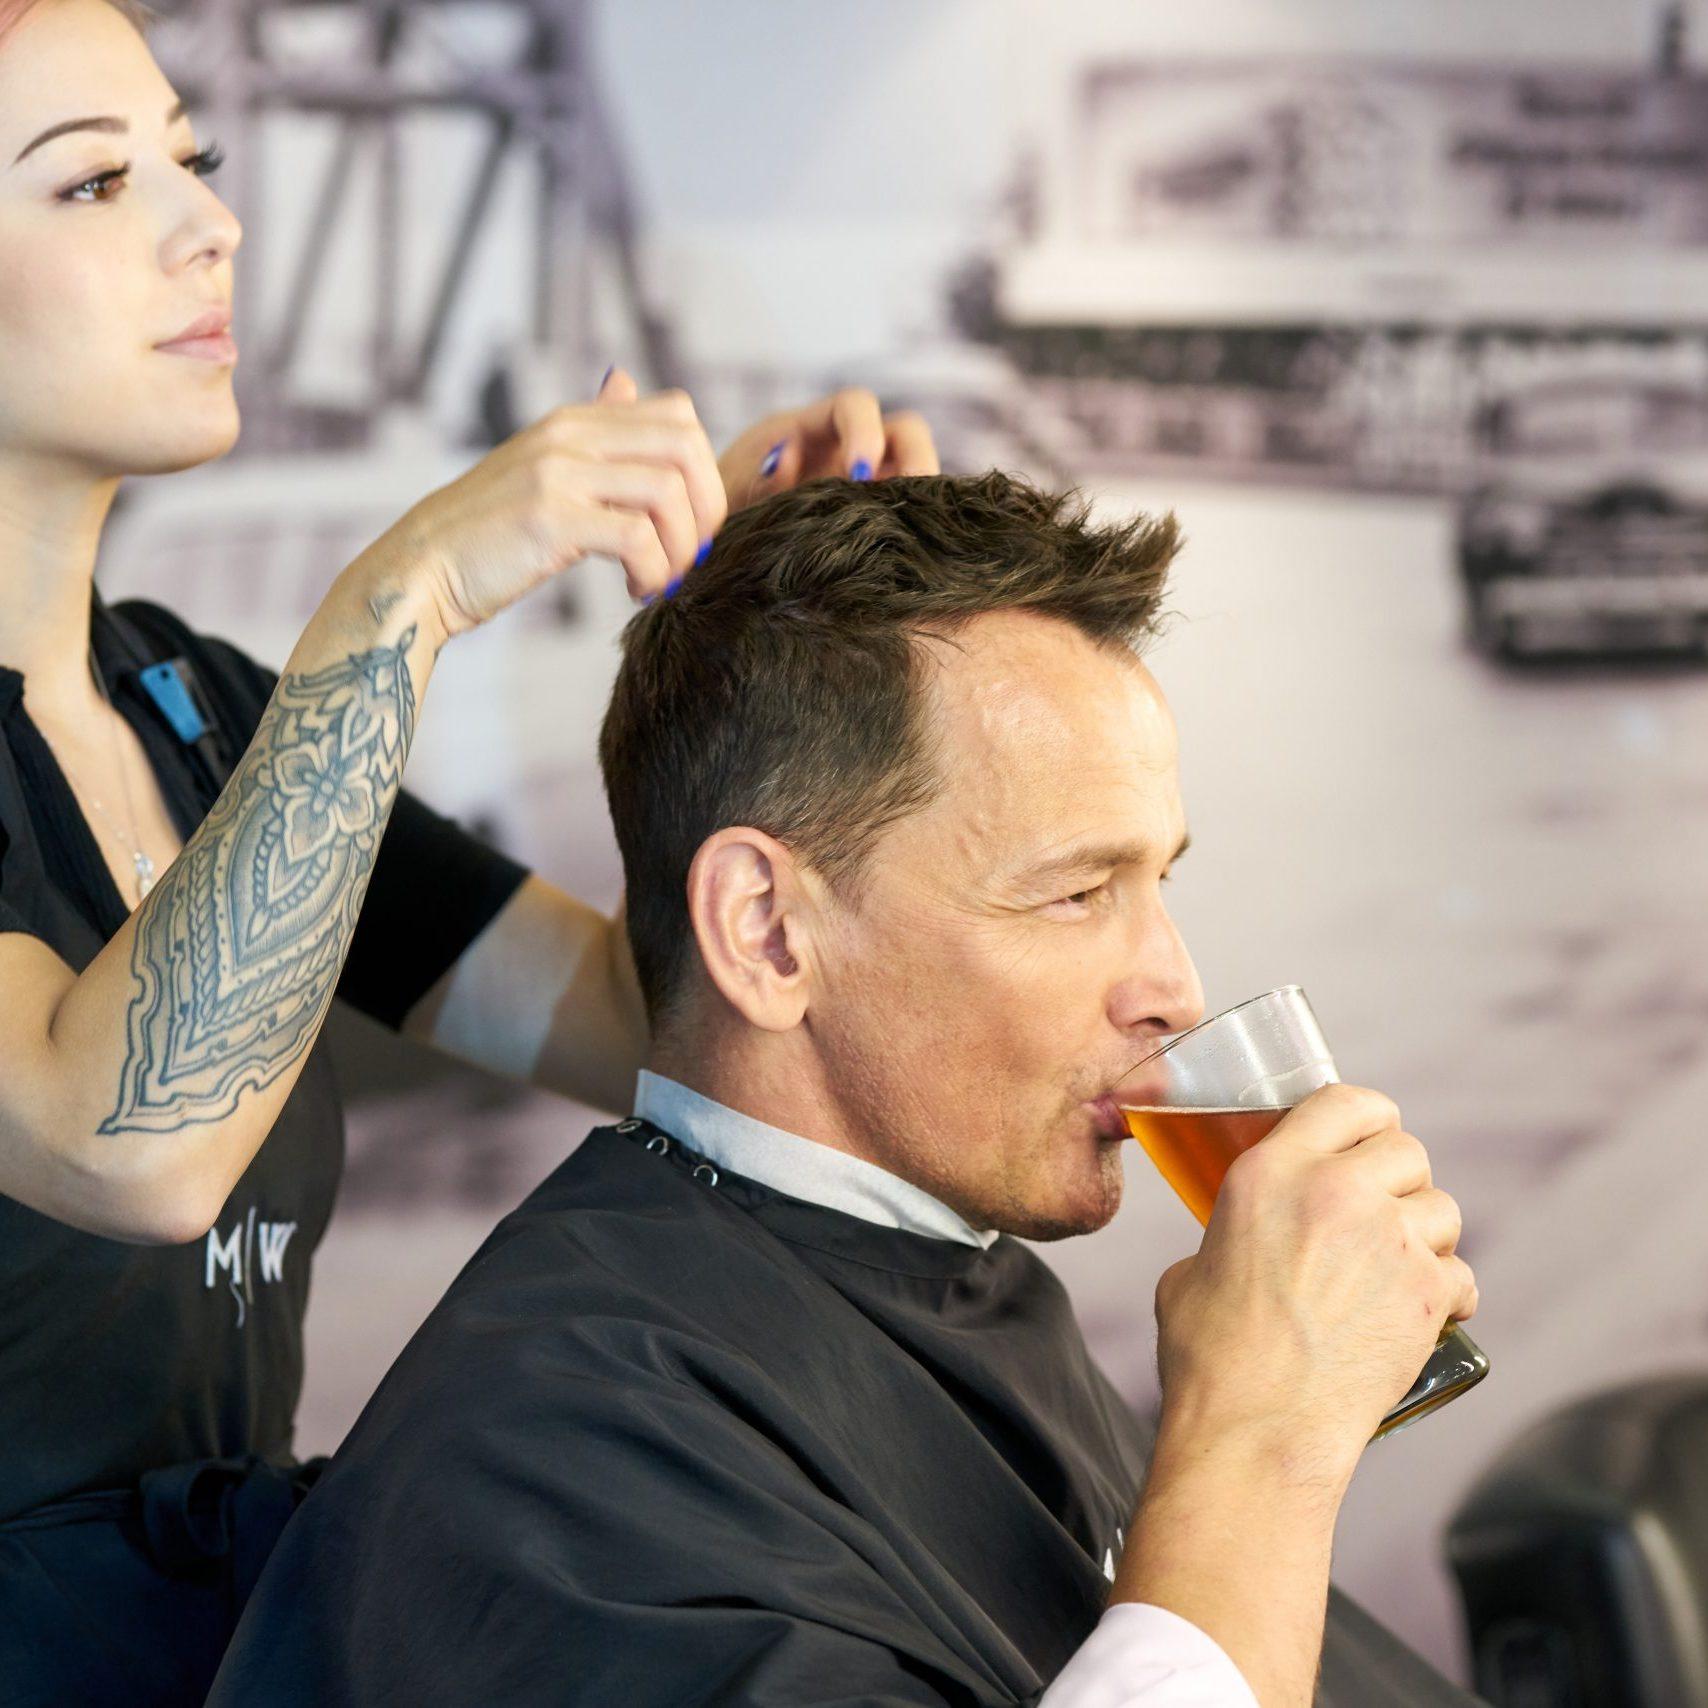 hair salon, haircut near me, haircut, hair salon portland, portland hair salons, haircuts for men, barber, balayage, hair salon portland oregon, hair cut, haircut portland, hair salons, portland hair salon, hair salons portland oregon